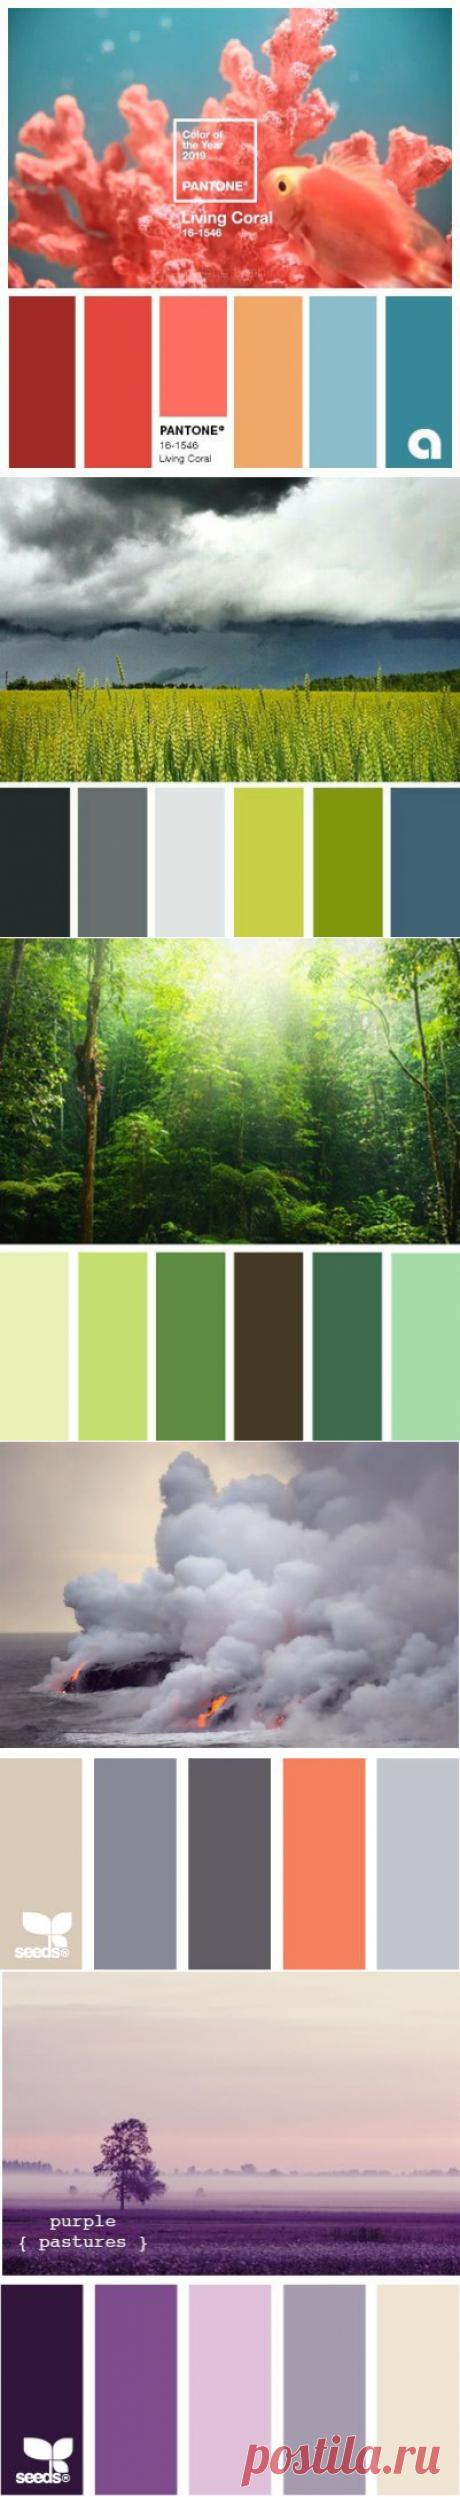 Лучшие сочетания цветов в природе